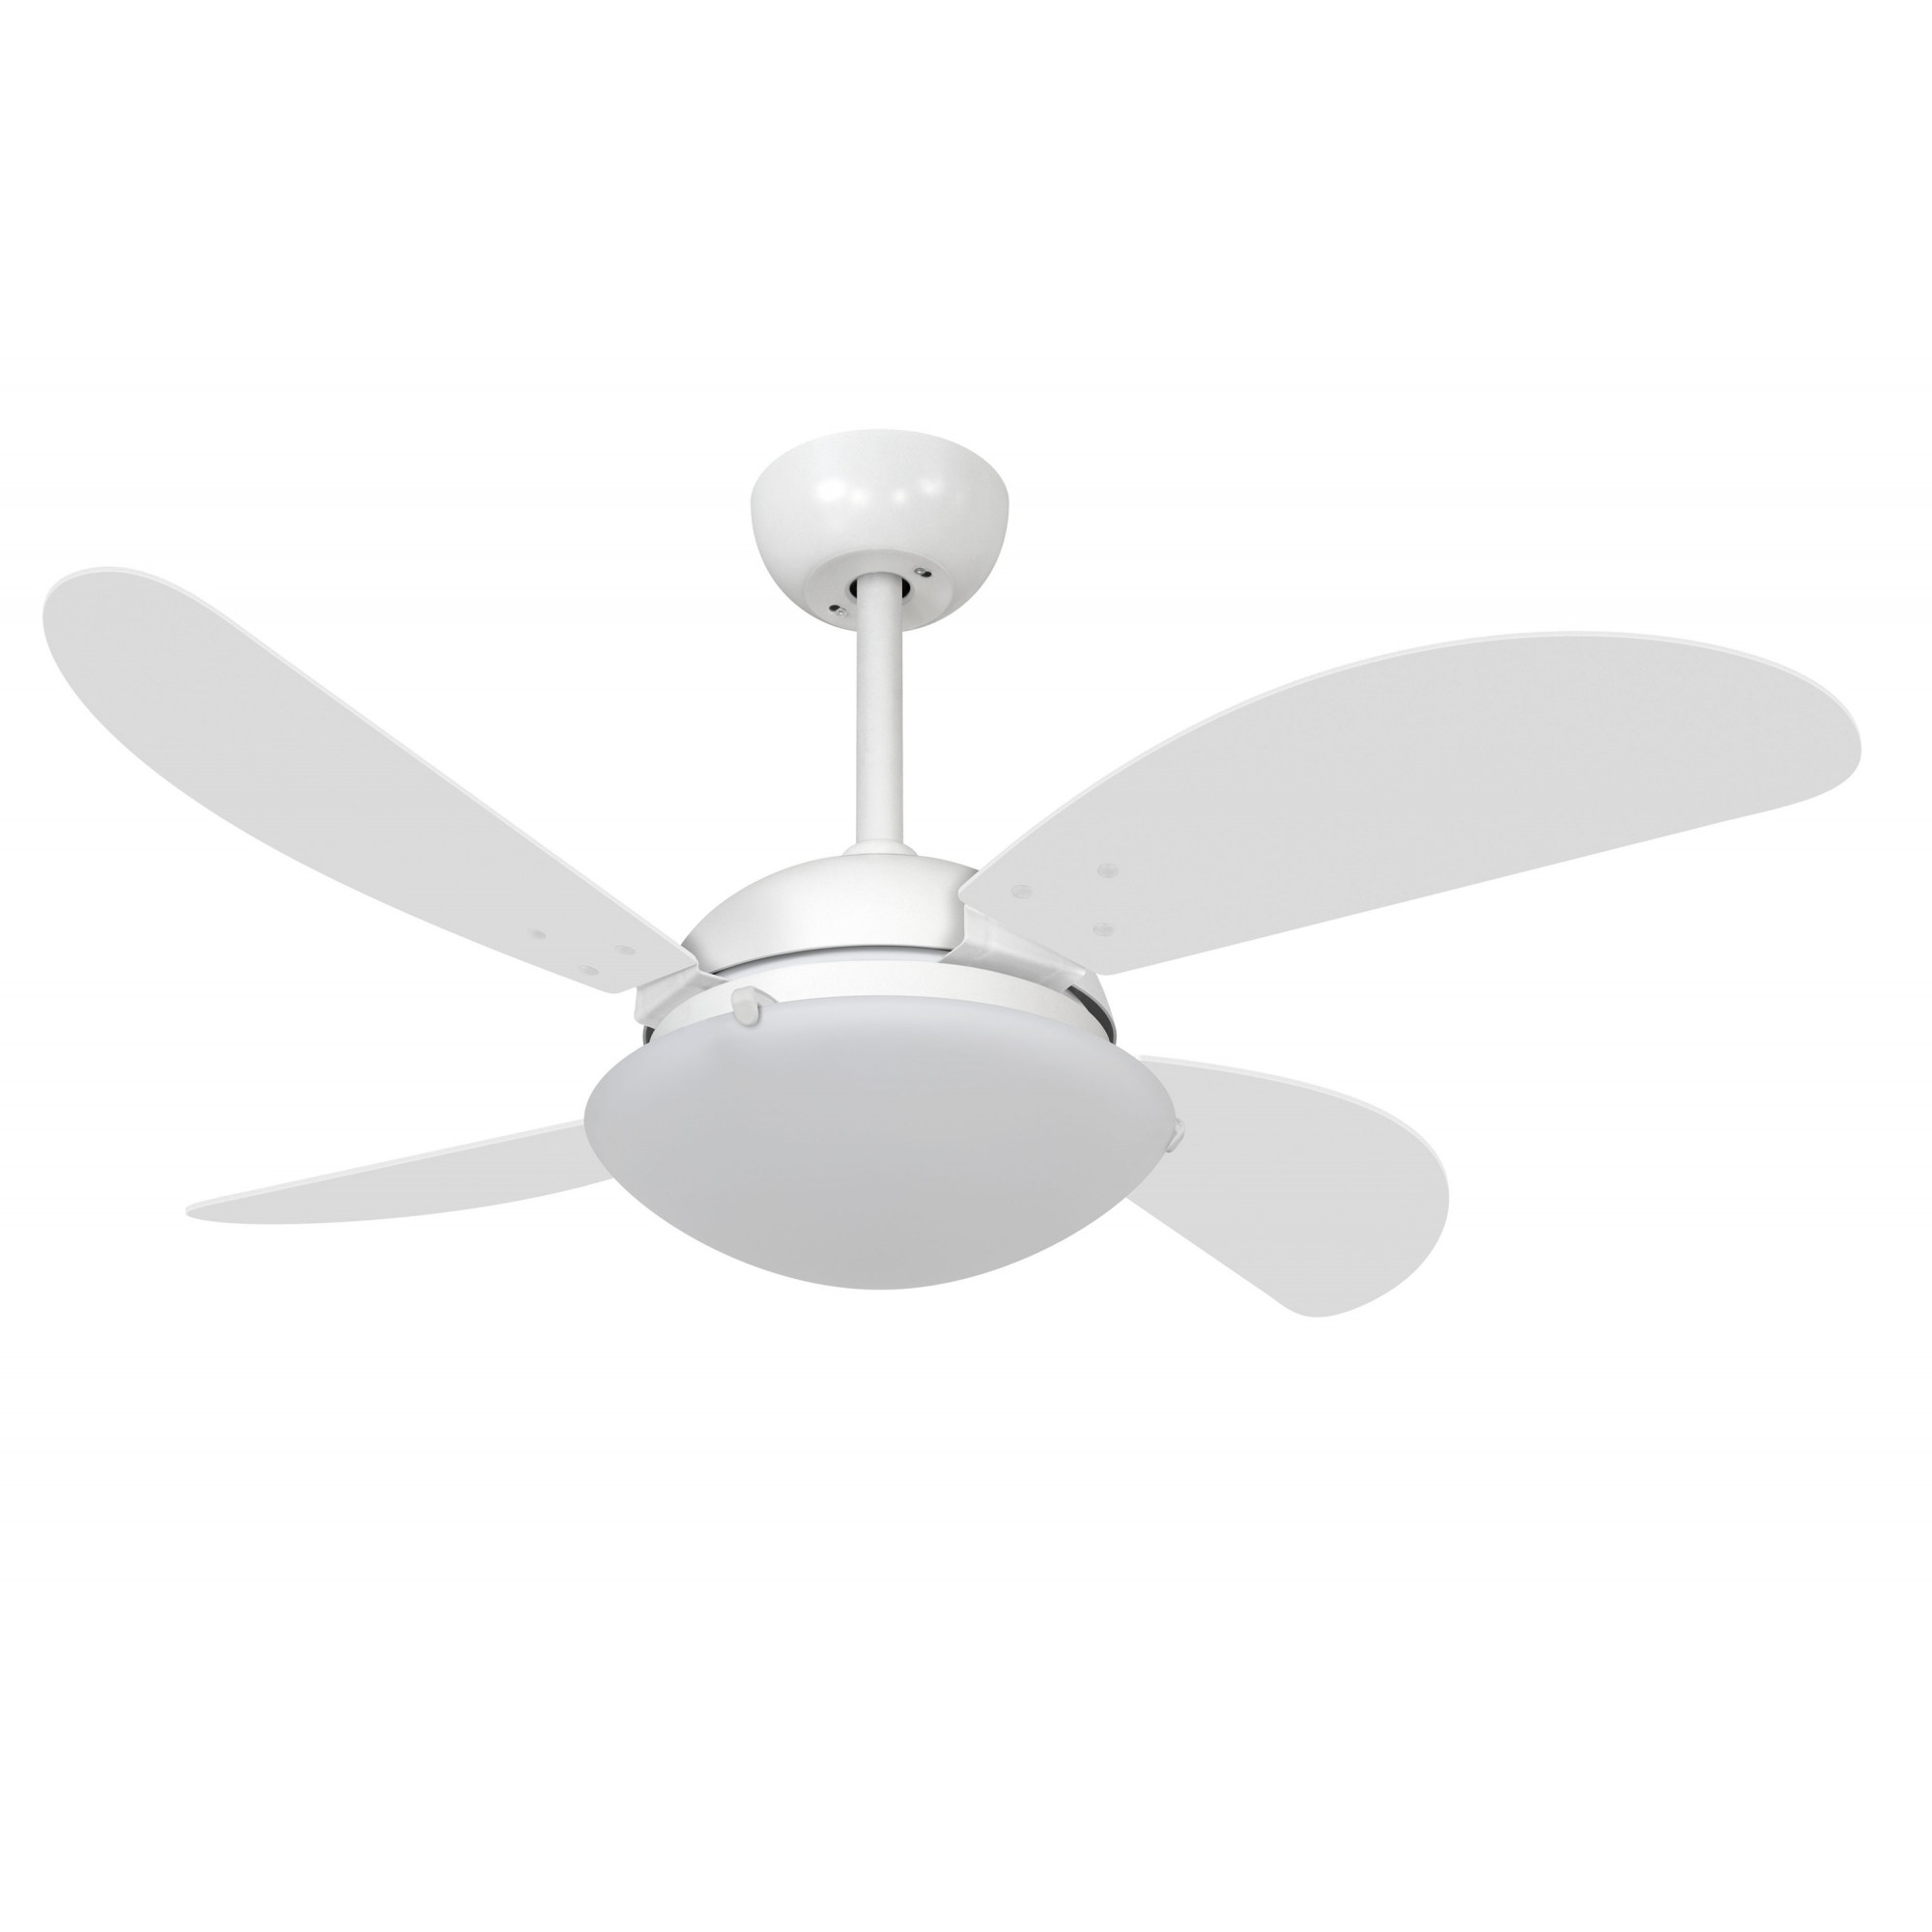 Ventilador de Teto VD300 Fly Branco 4 Pás MDF 110V